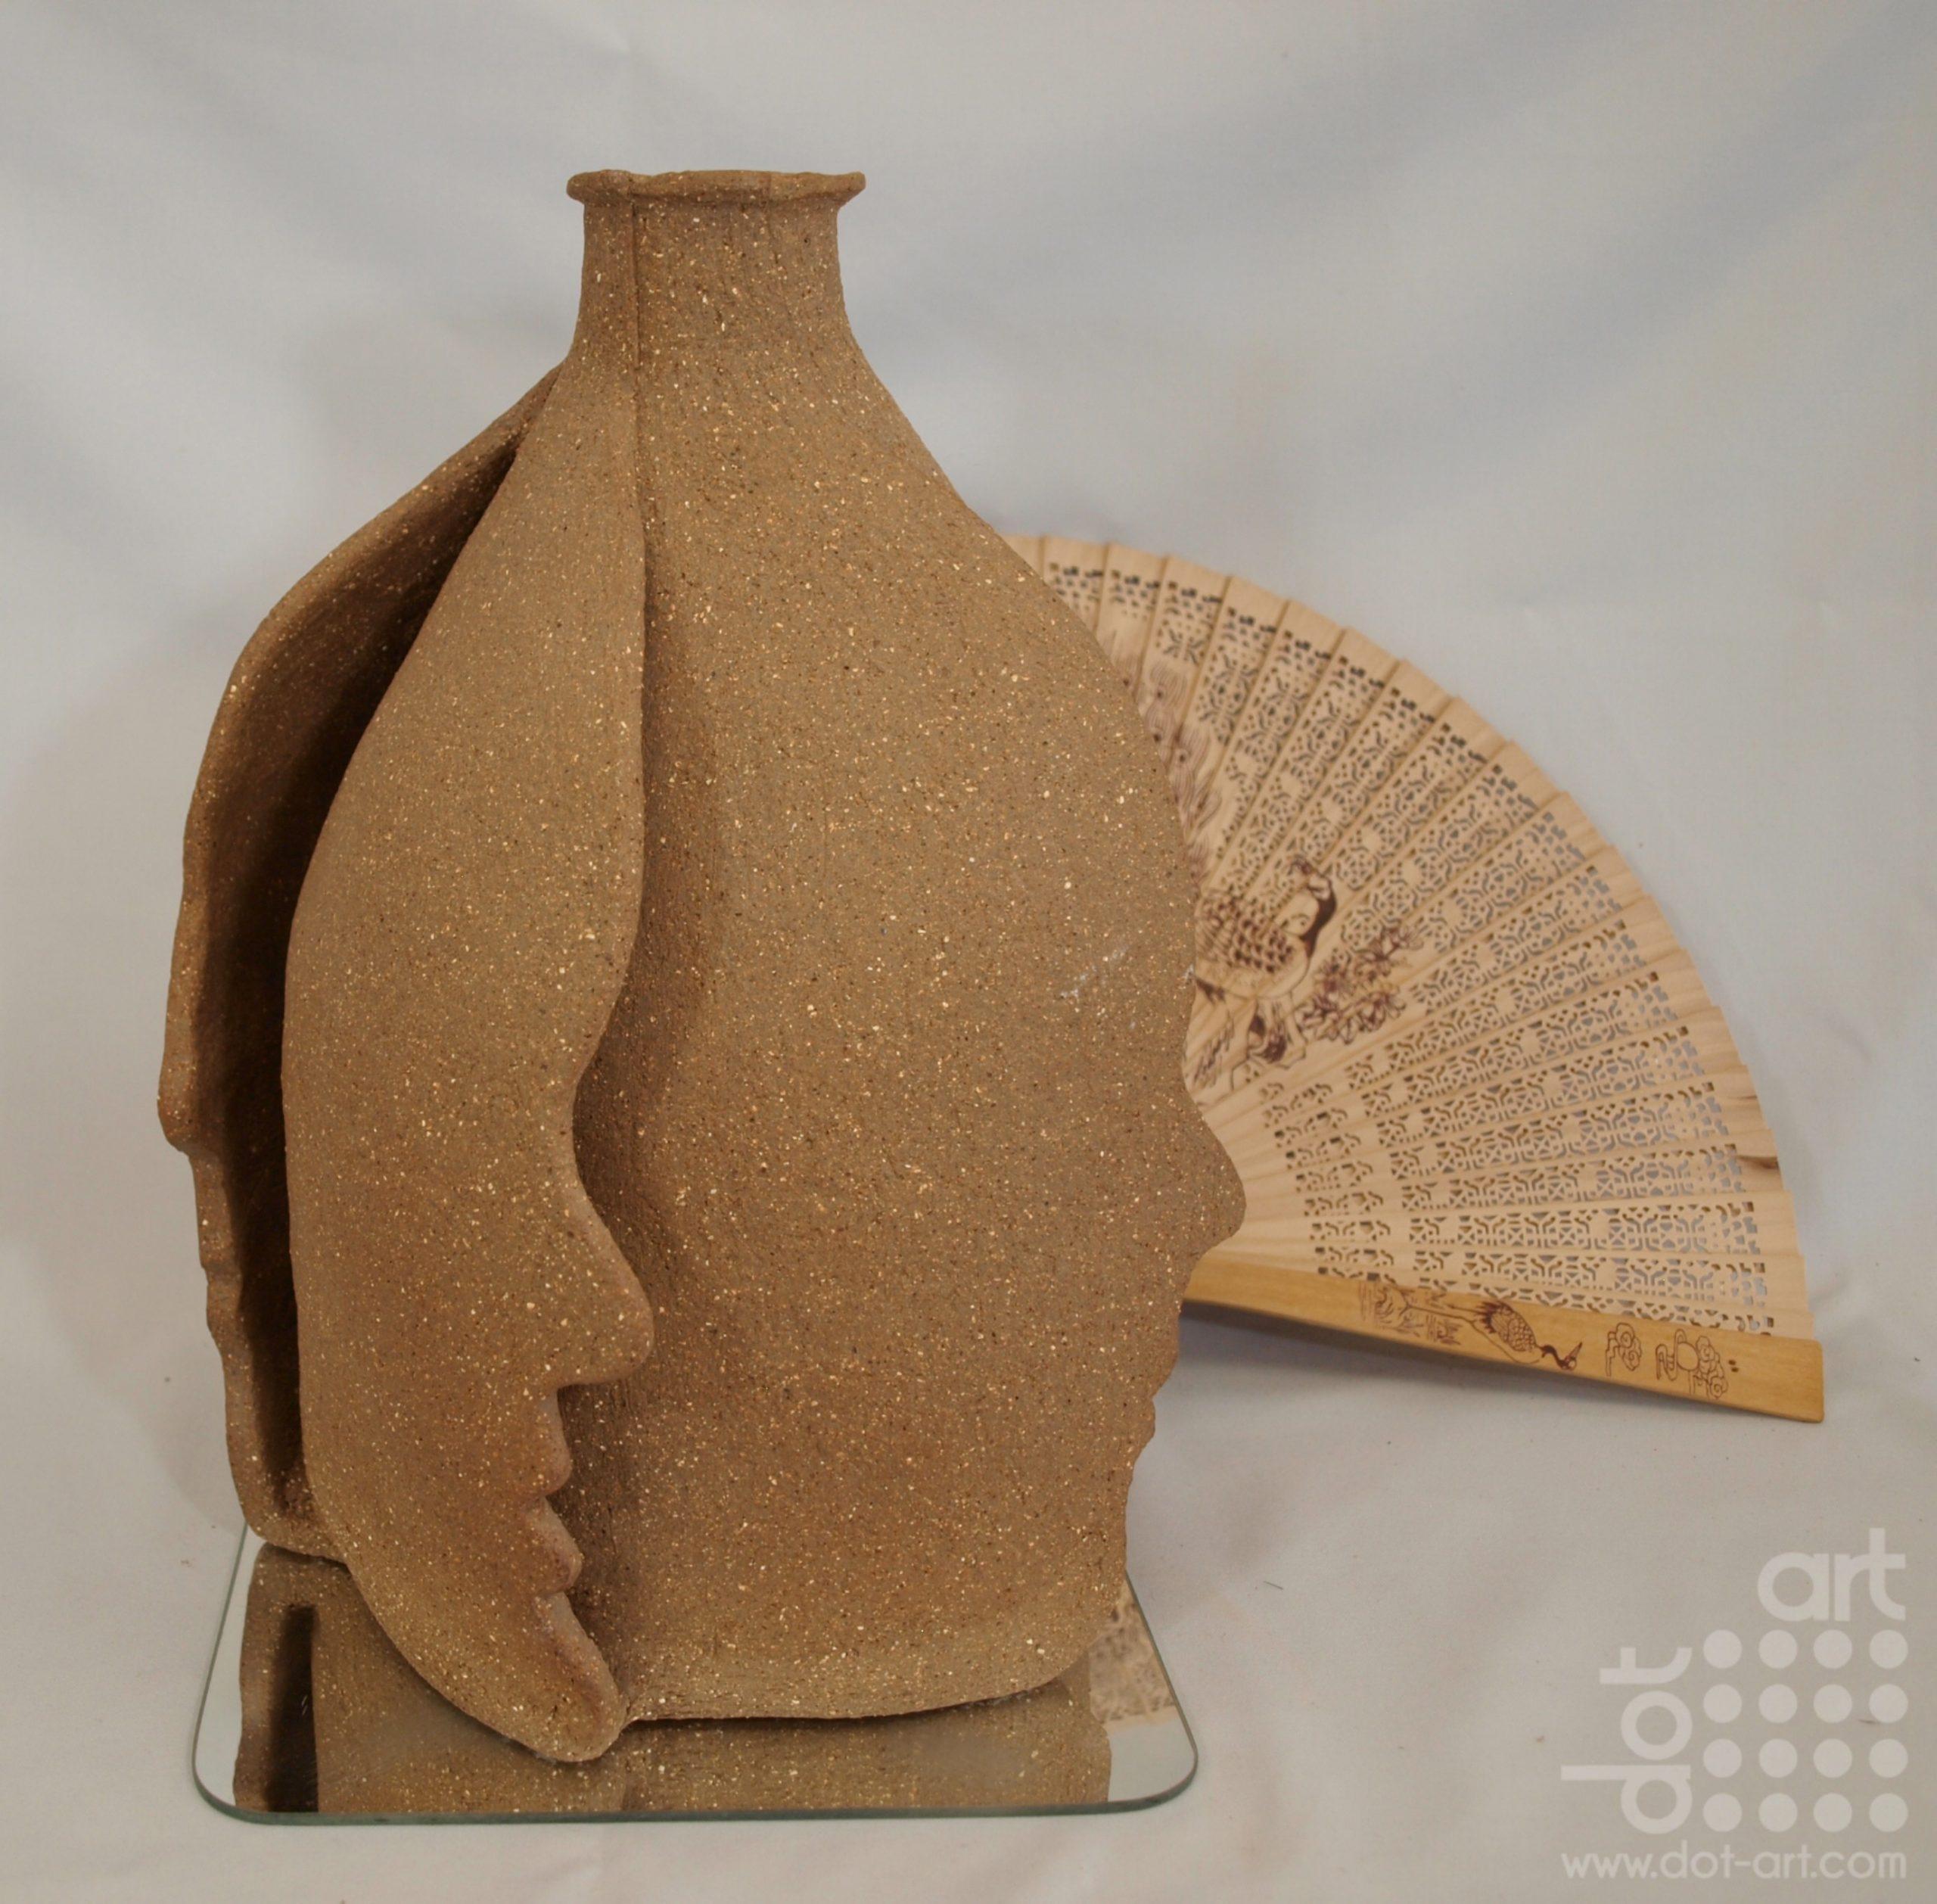 High fired sculptural terracotta clay